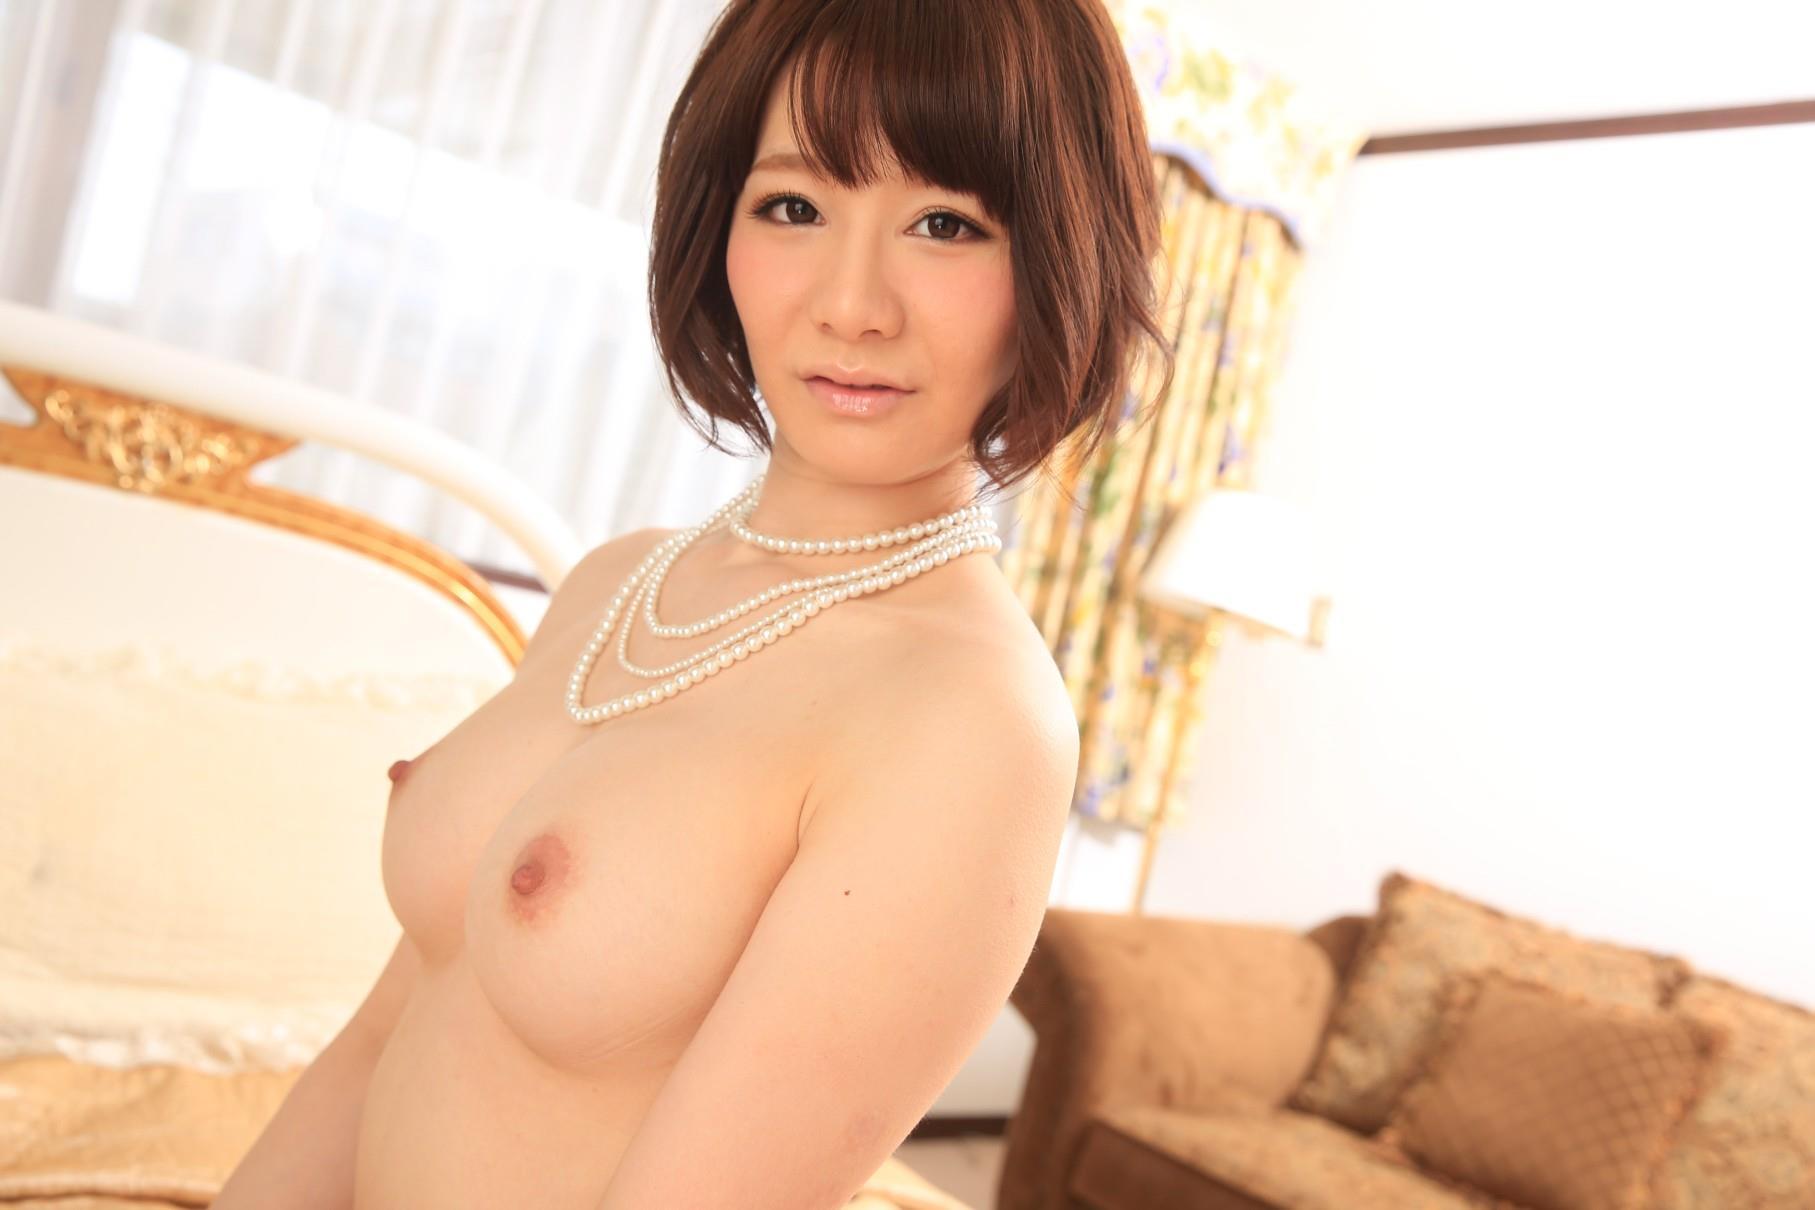 宮崎愛莉 画像 130